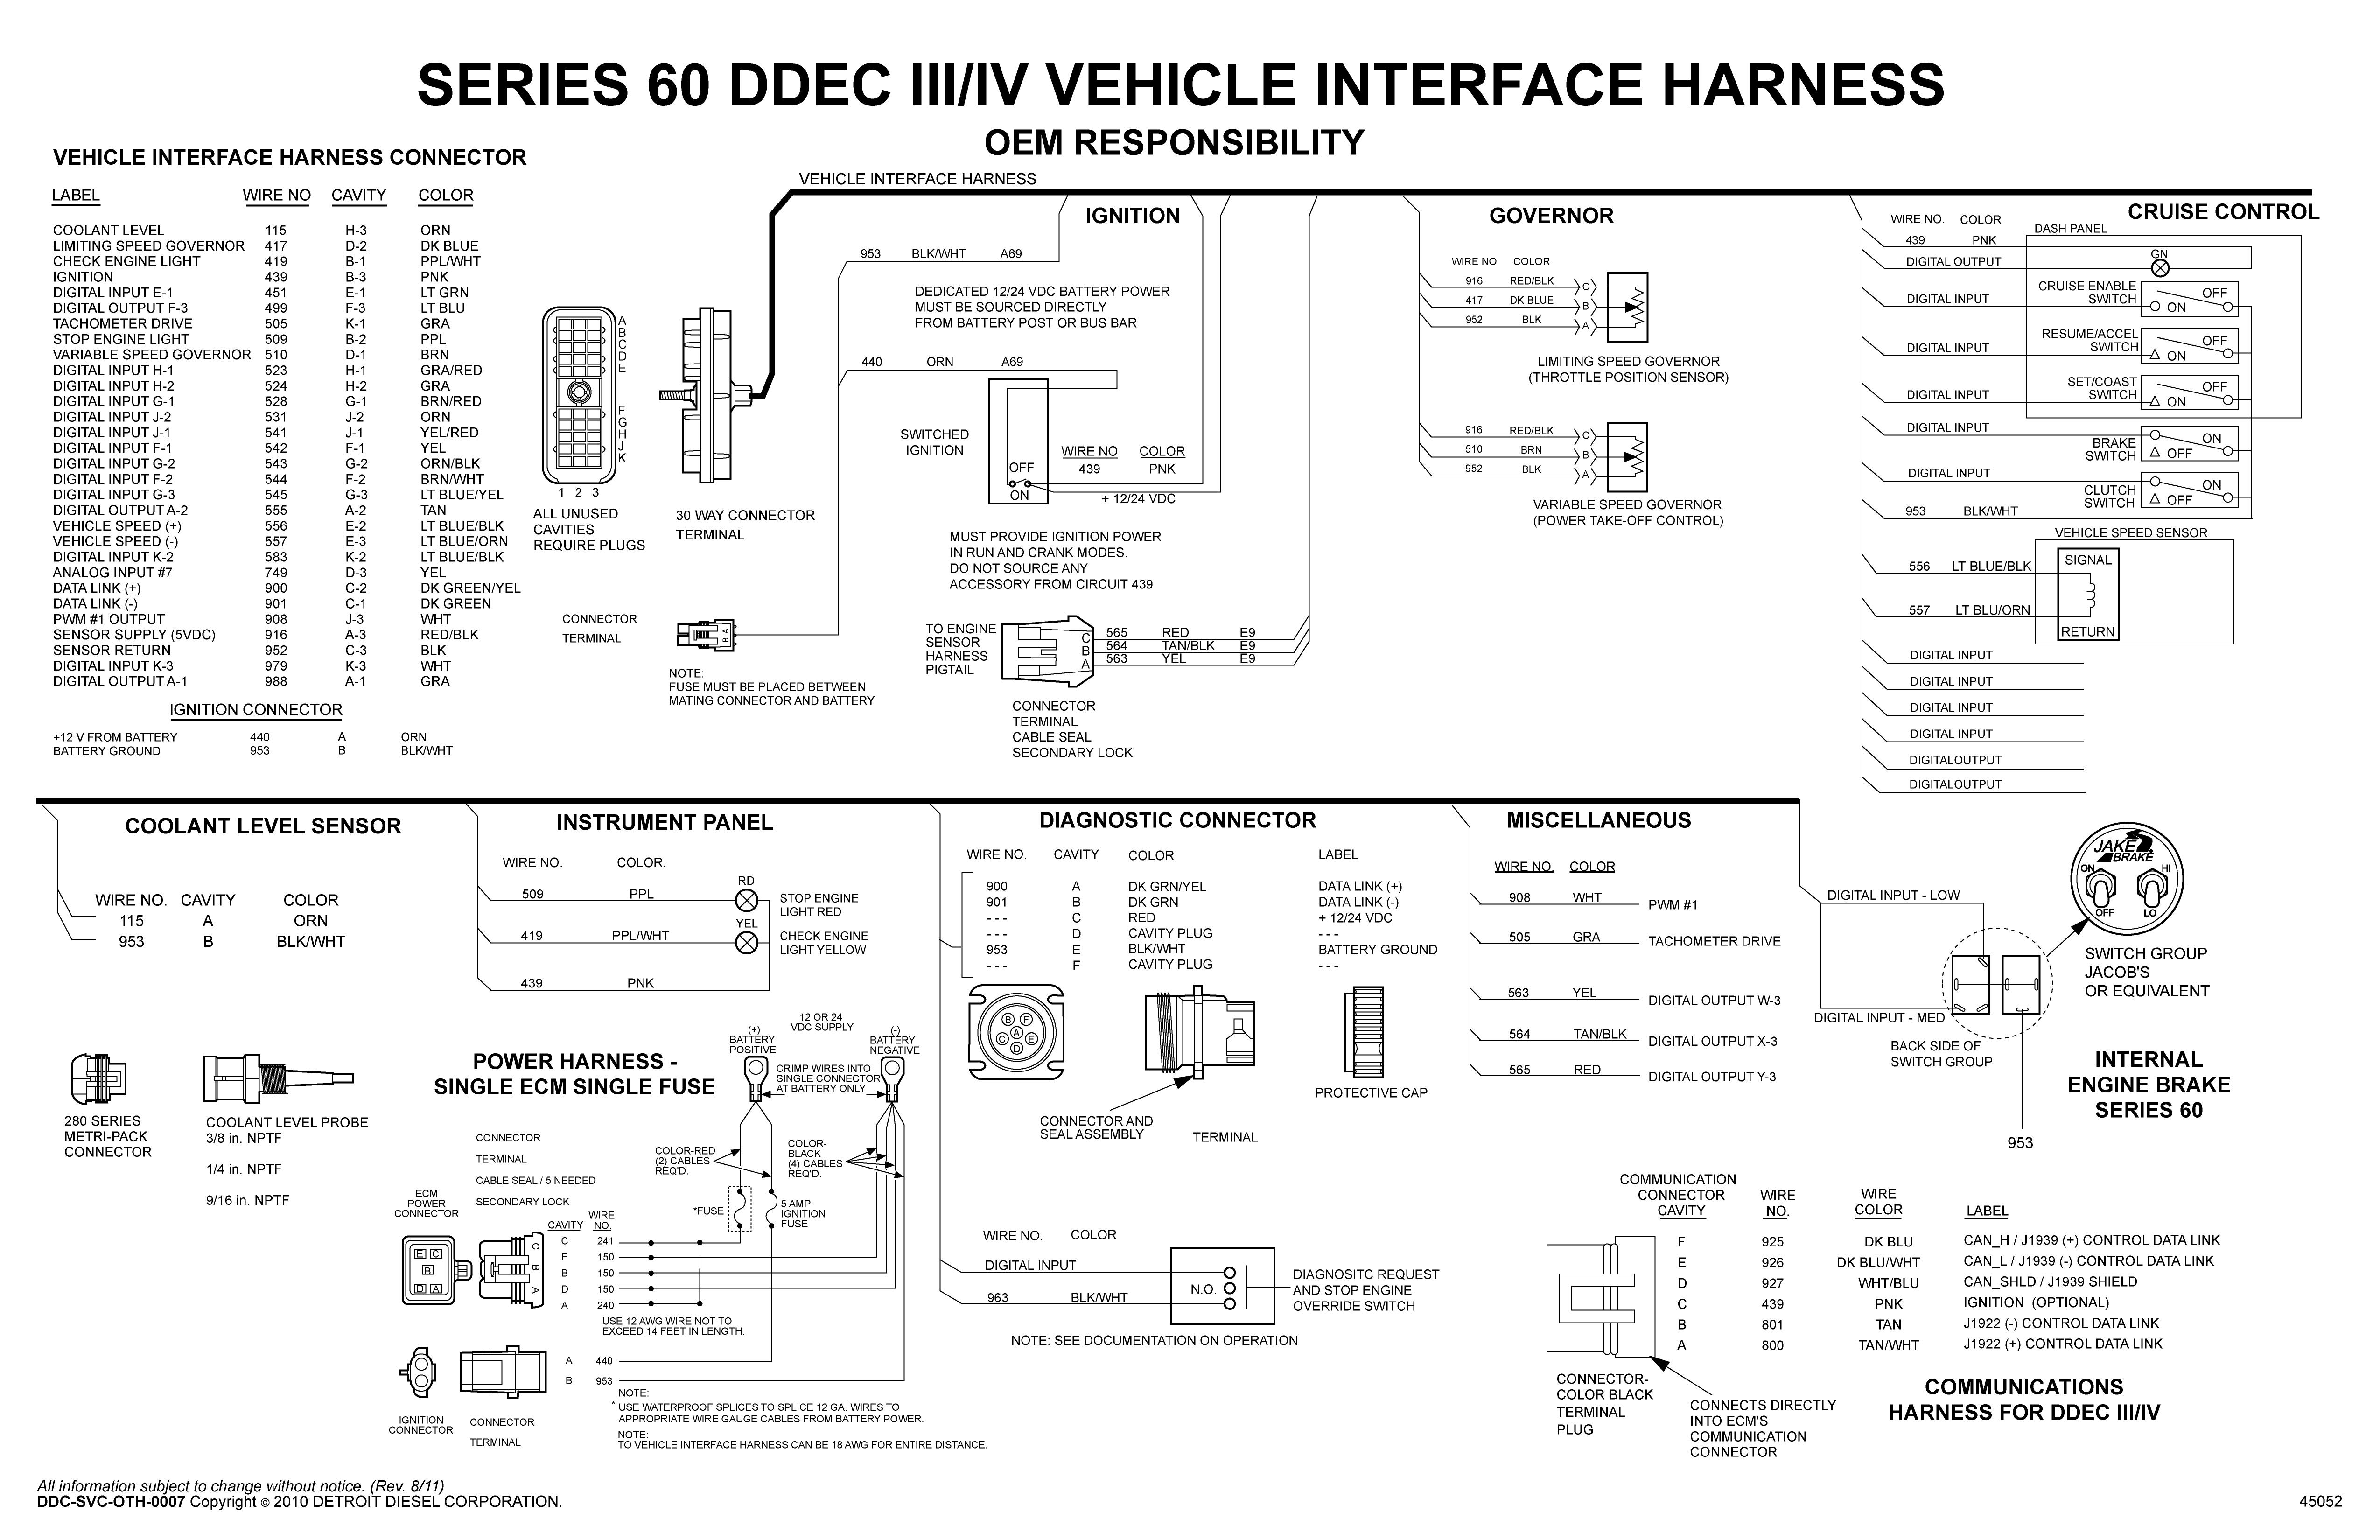 graphic trucks Detroit diesel, Detroit, Dodge ram diesel